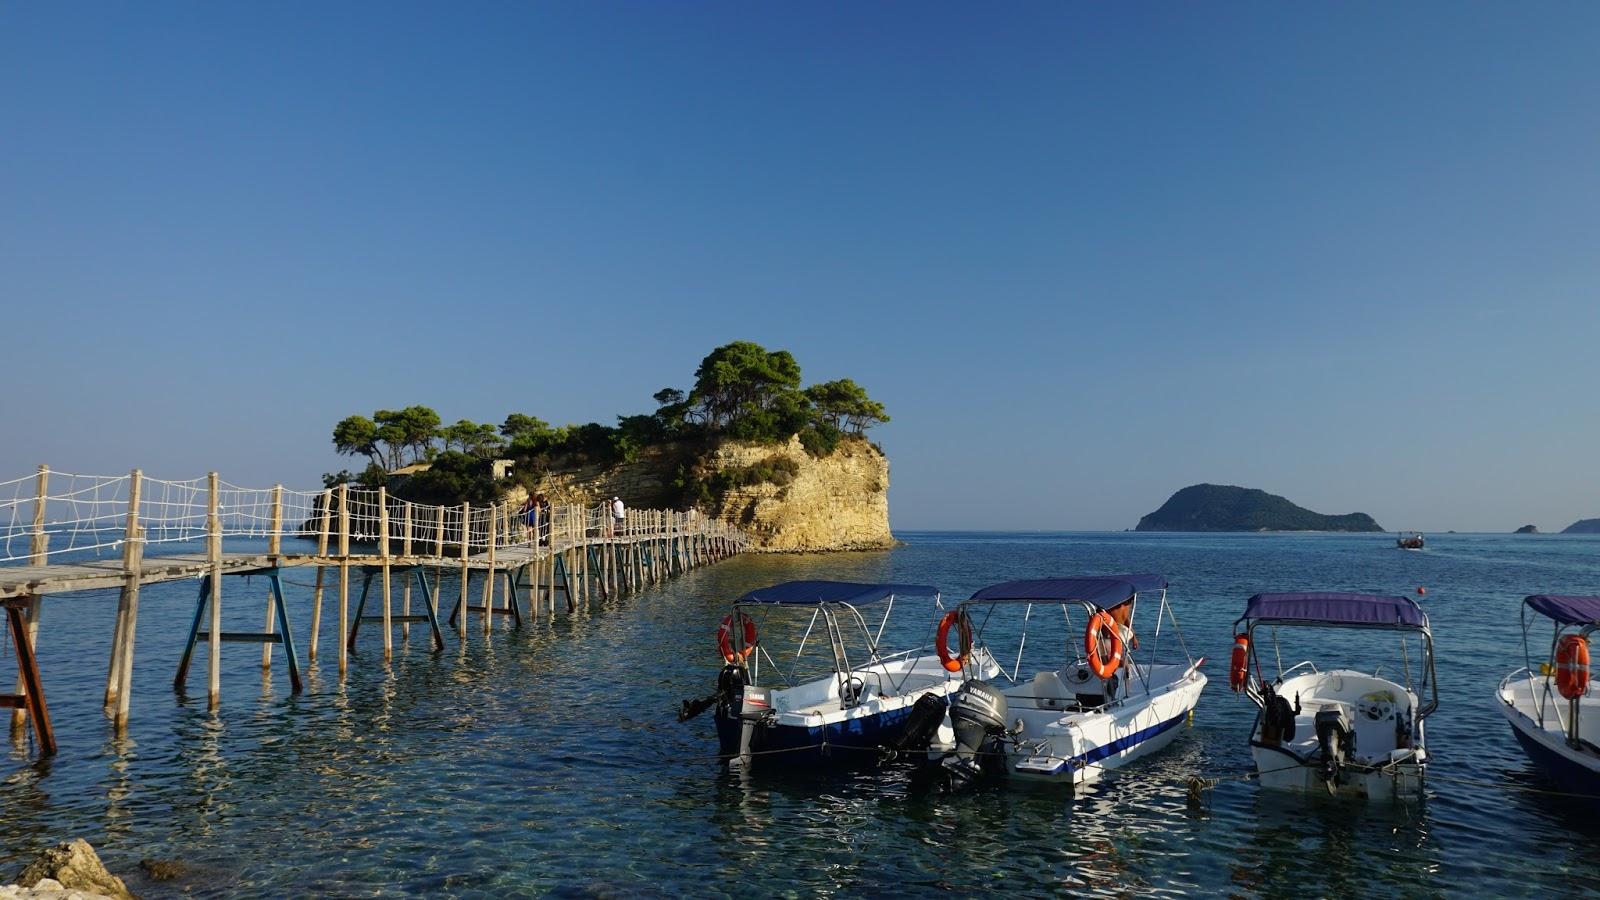 Cameo Island, wyspa Cameo, Wyspa Ślubów, Grecja, Zakintos